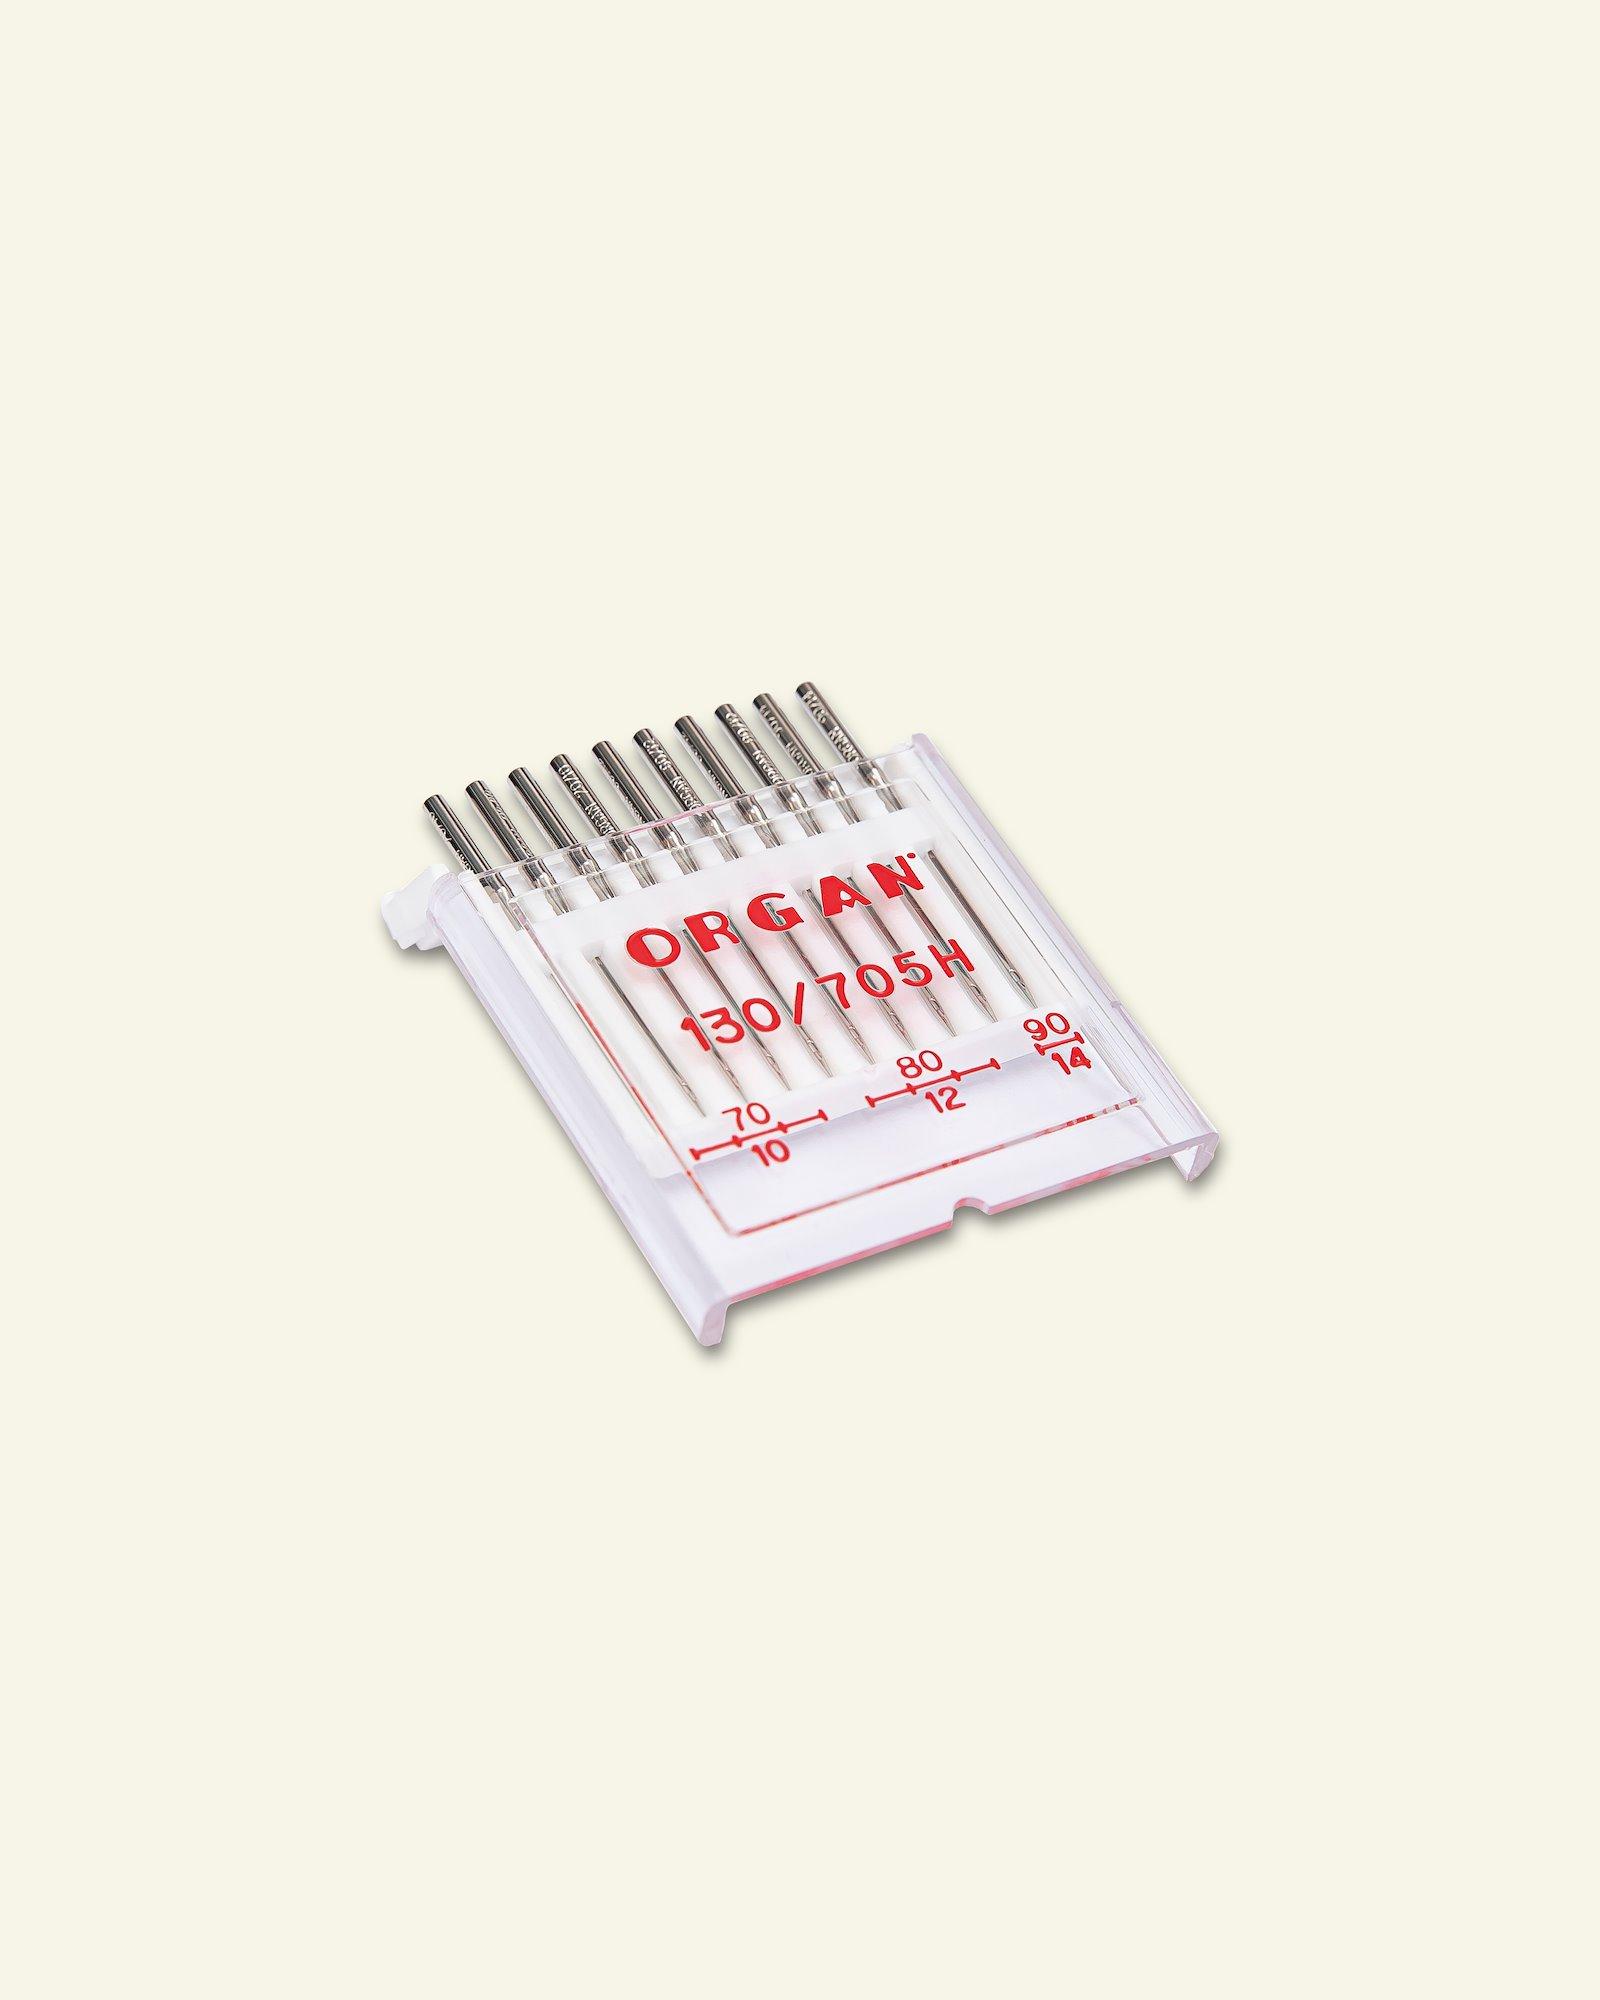 Universalneedles size 70/3, 80/4, 90/3